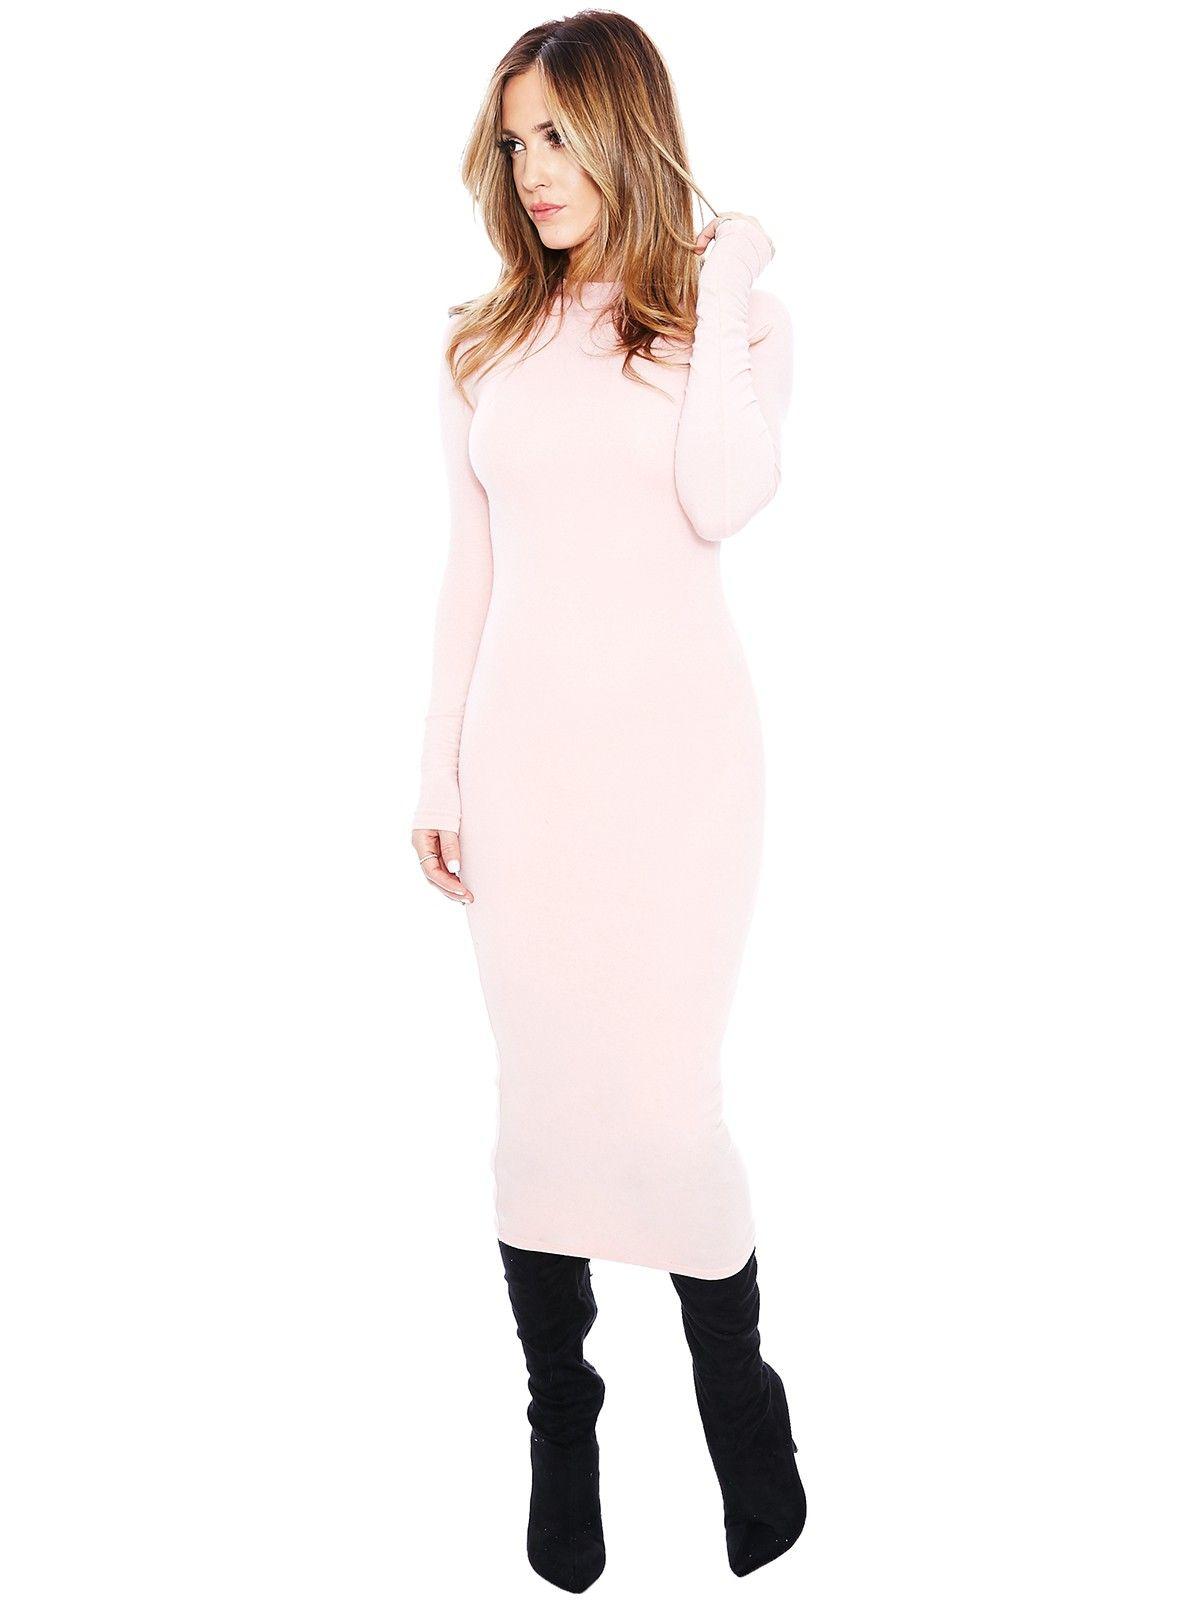 The NW Midi - Dresses - Womens Nakedwardrobe